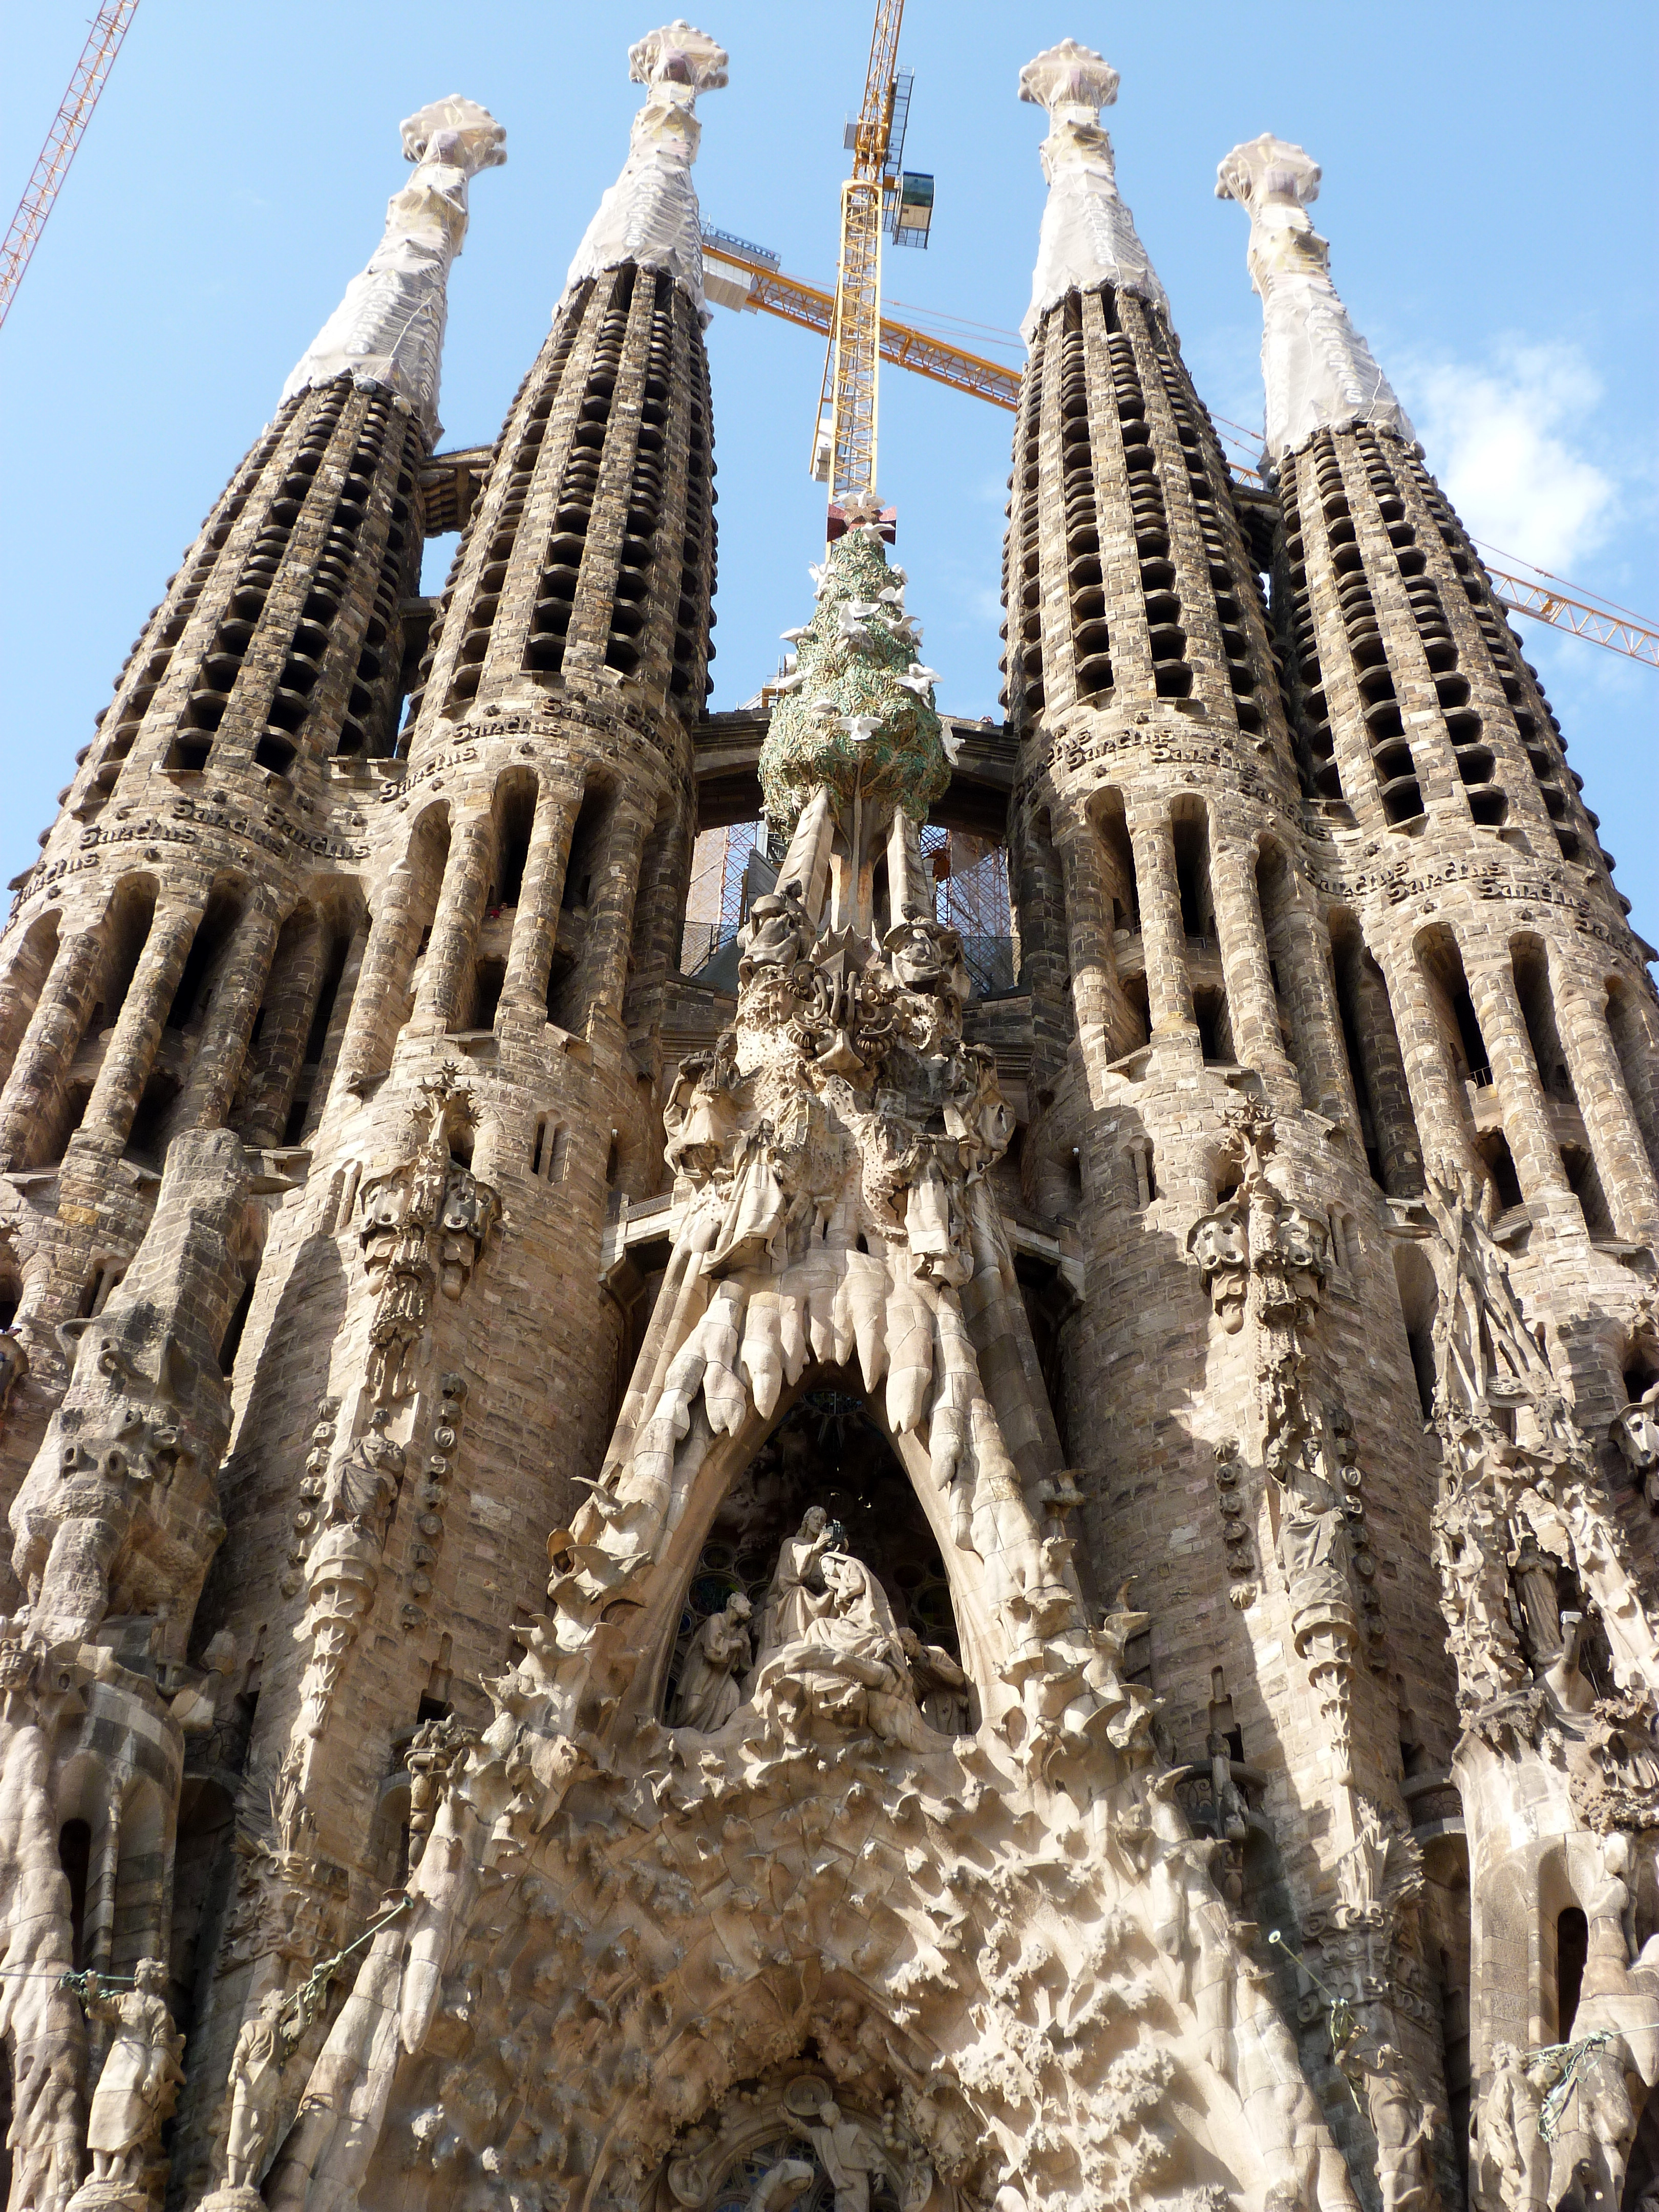 File:La Sagrada Familia (7852730736).jpg